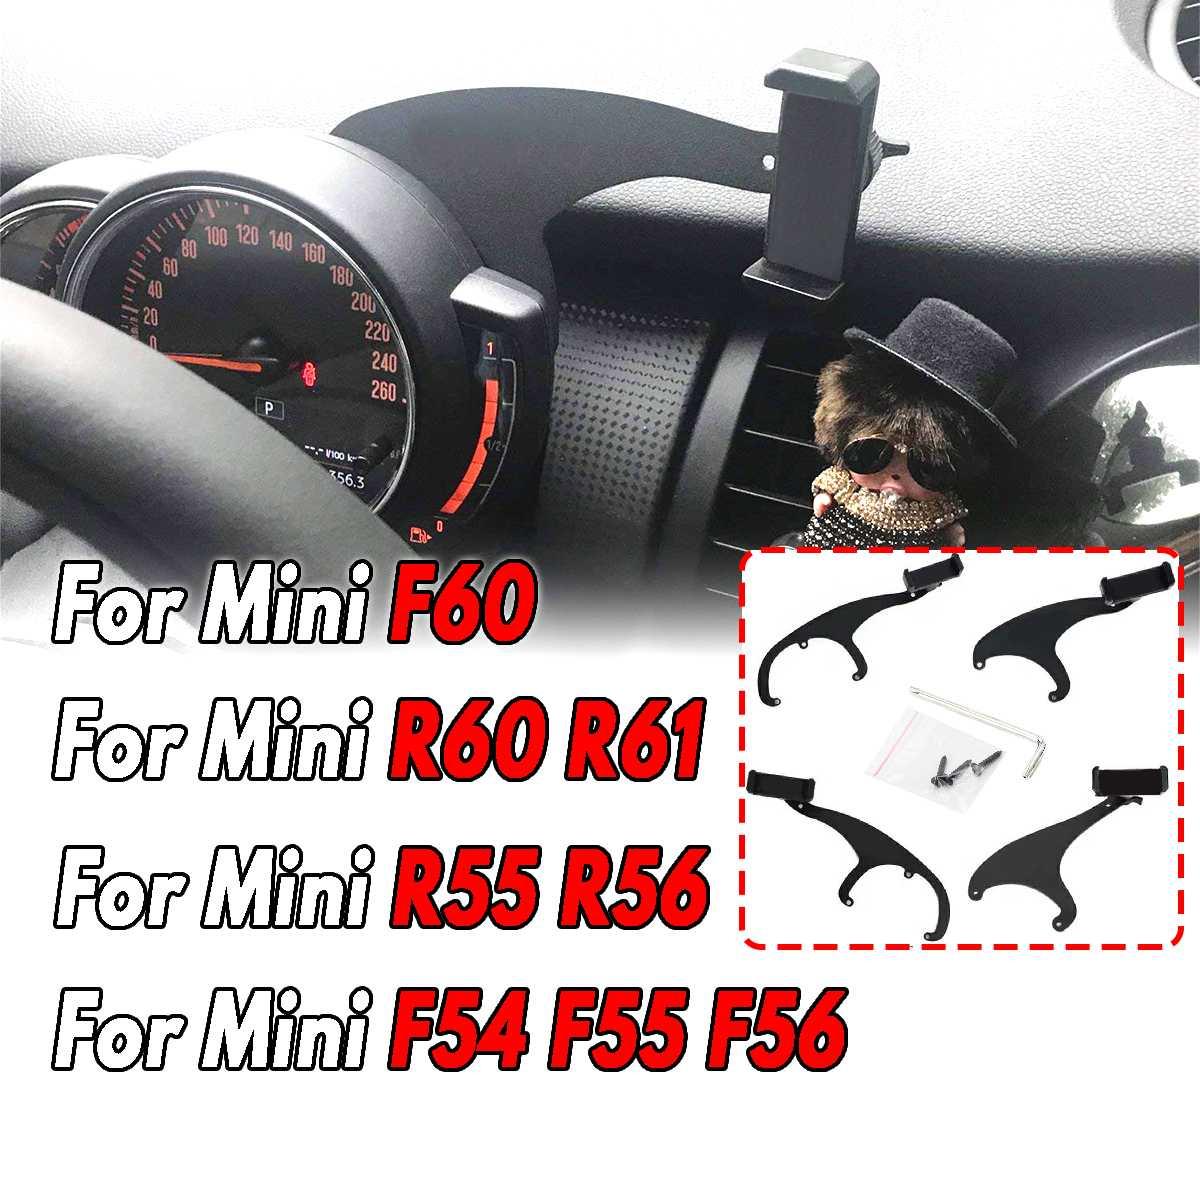 360 ° MINI Suporte do Telefone Montar Titular Telefone Móvel Do Carro Volante Auto Traseiro Para Mini Cooper R60 R61 R55 r56 F54 F55 F56 F60